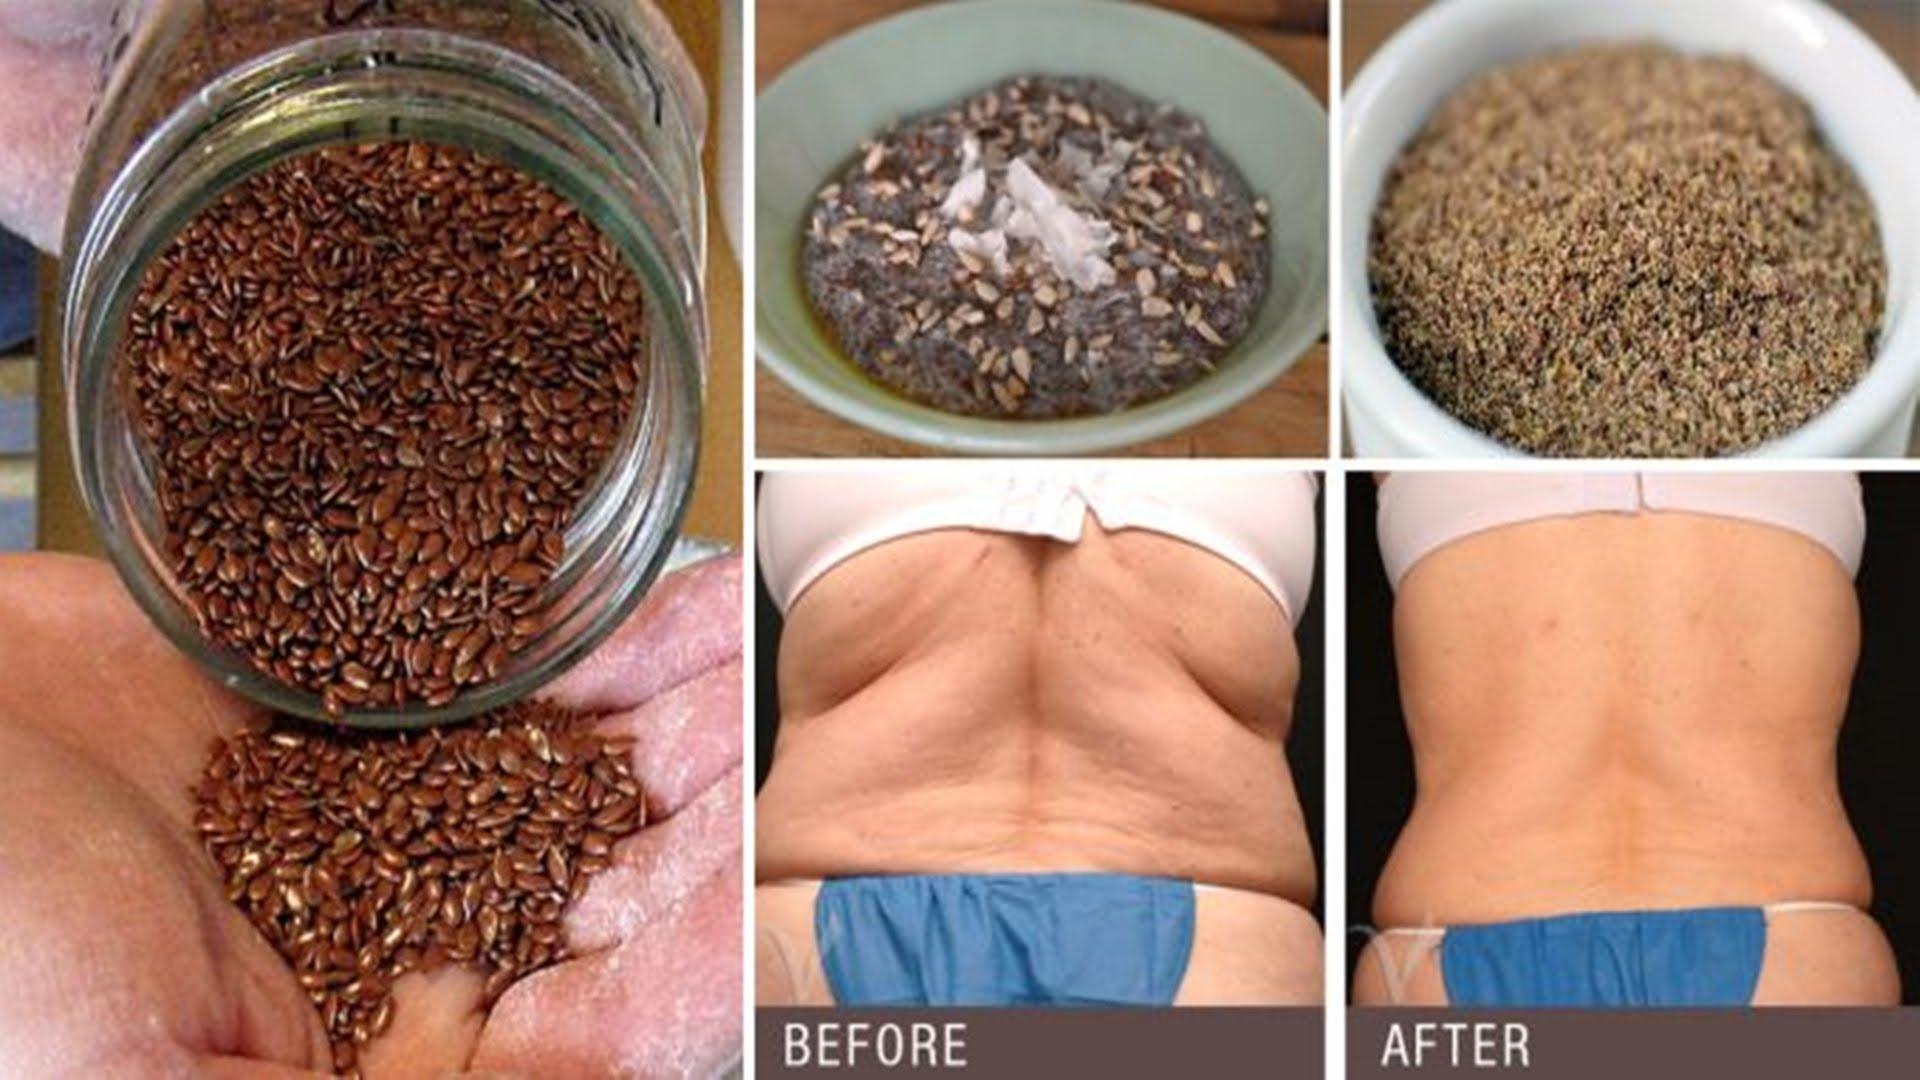 Semillas de lino y clavos para ELIMINAR GRASAS Y PARÁSITOS al mismo tiempo